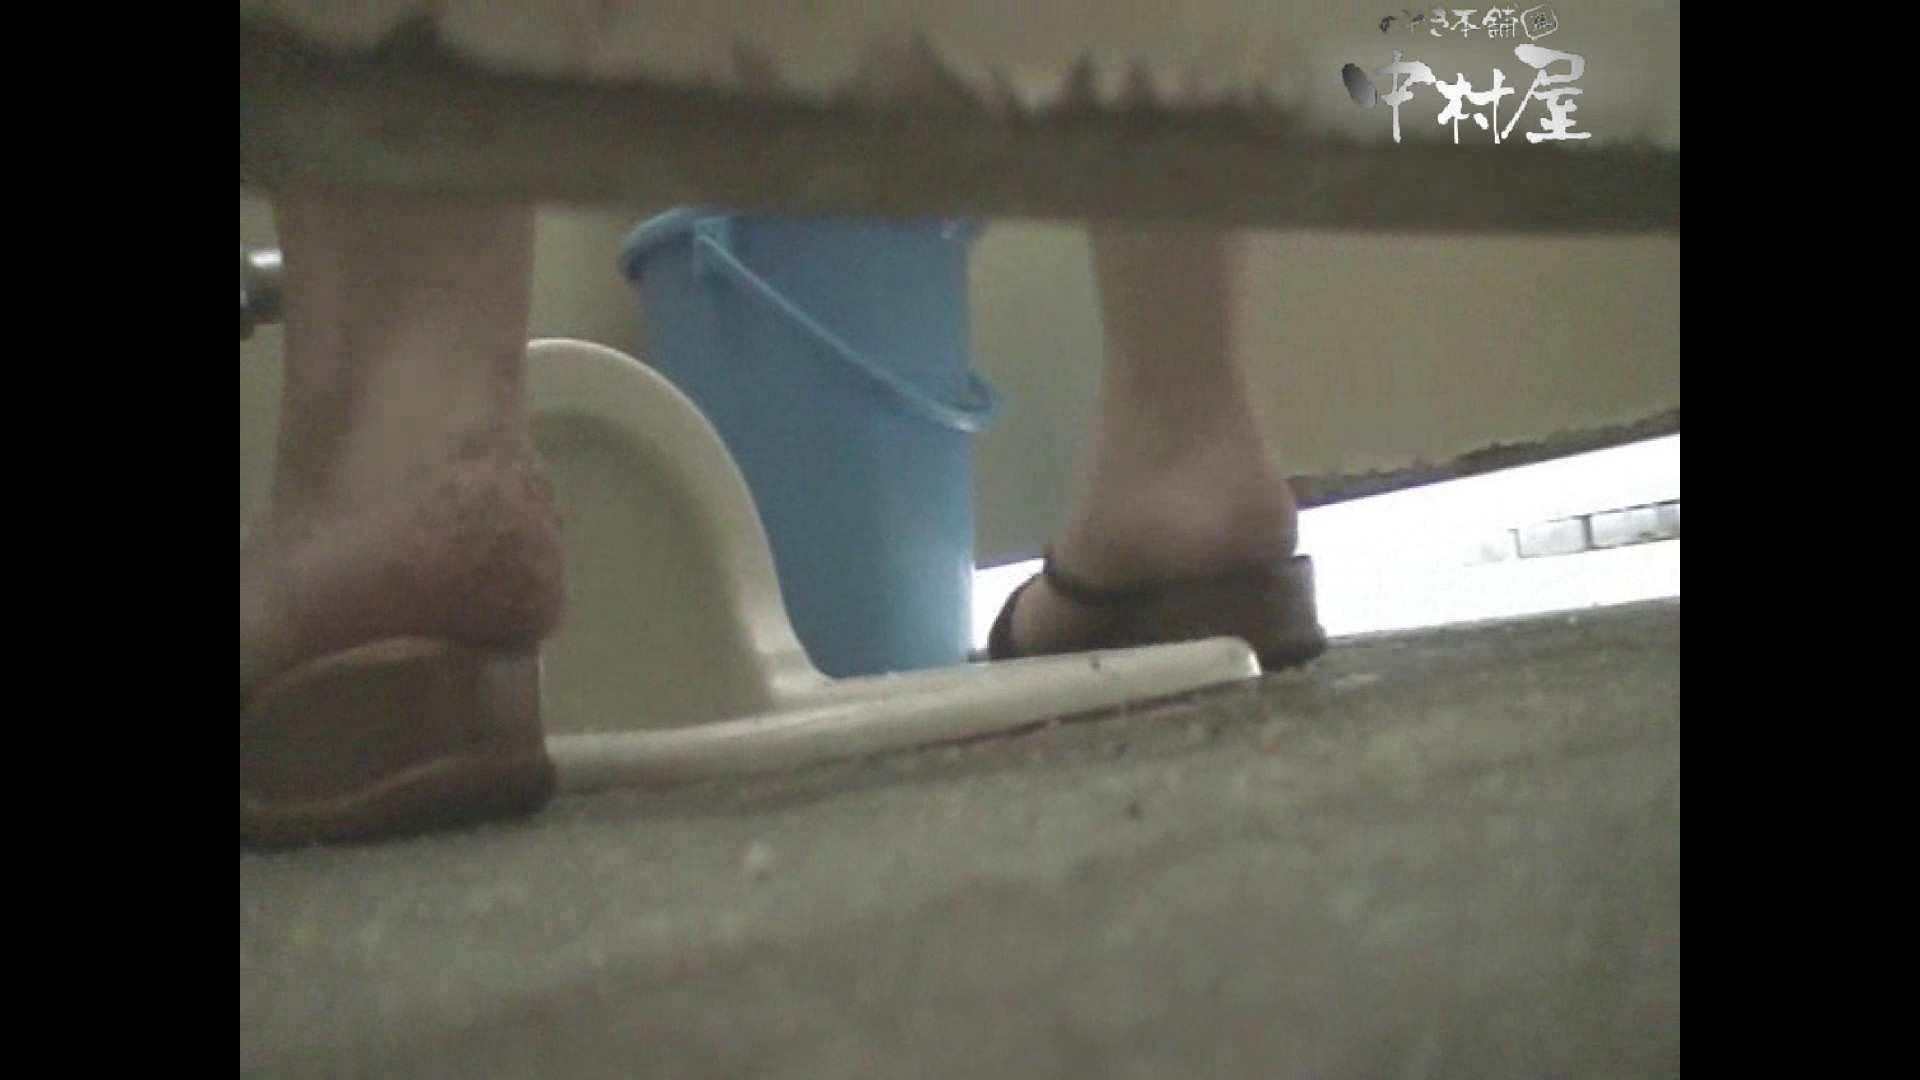 岩手県在住盗撮師盗撮記録vol.16 OLセックス のぞき濡れ場動画紹介 72画像 2